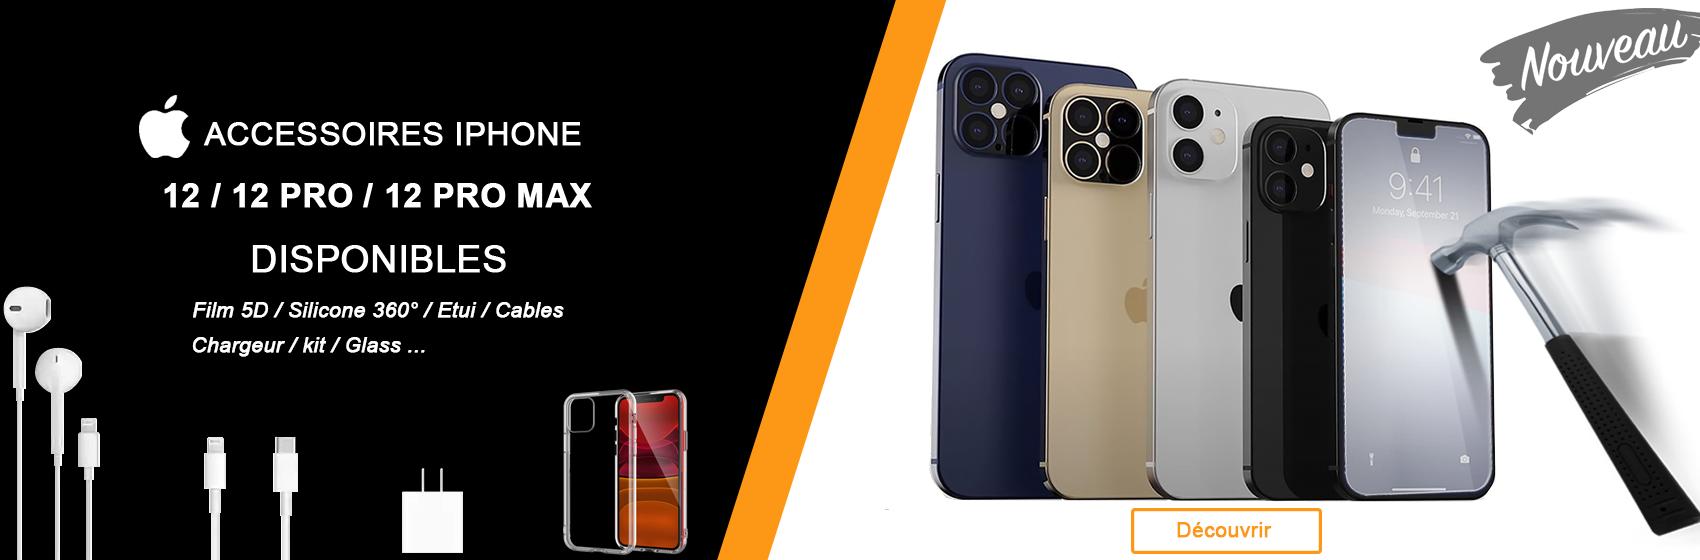 Découvrir nos accessoires pour iphone 12 / 12pro et 12 pro max